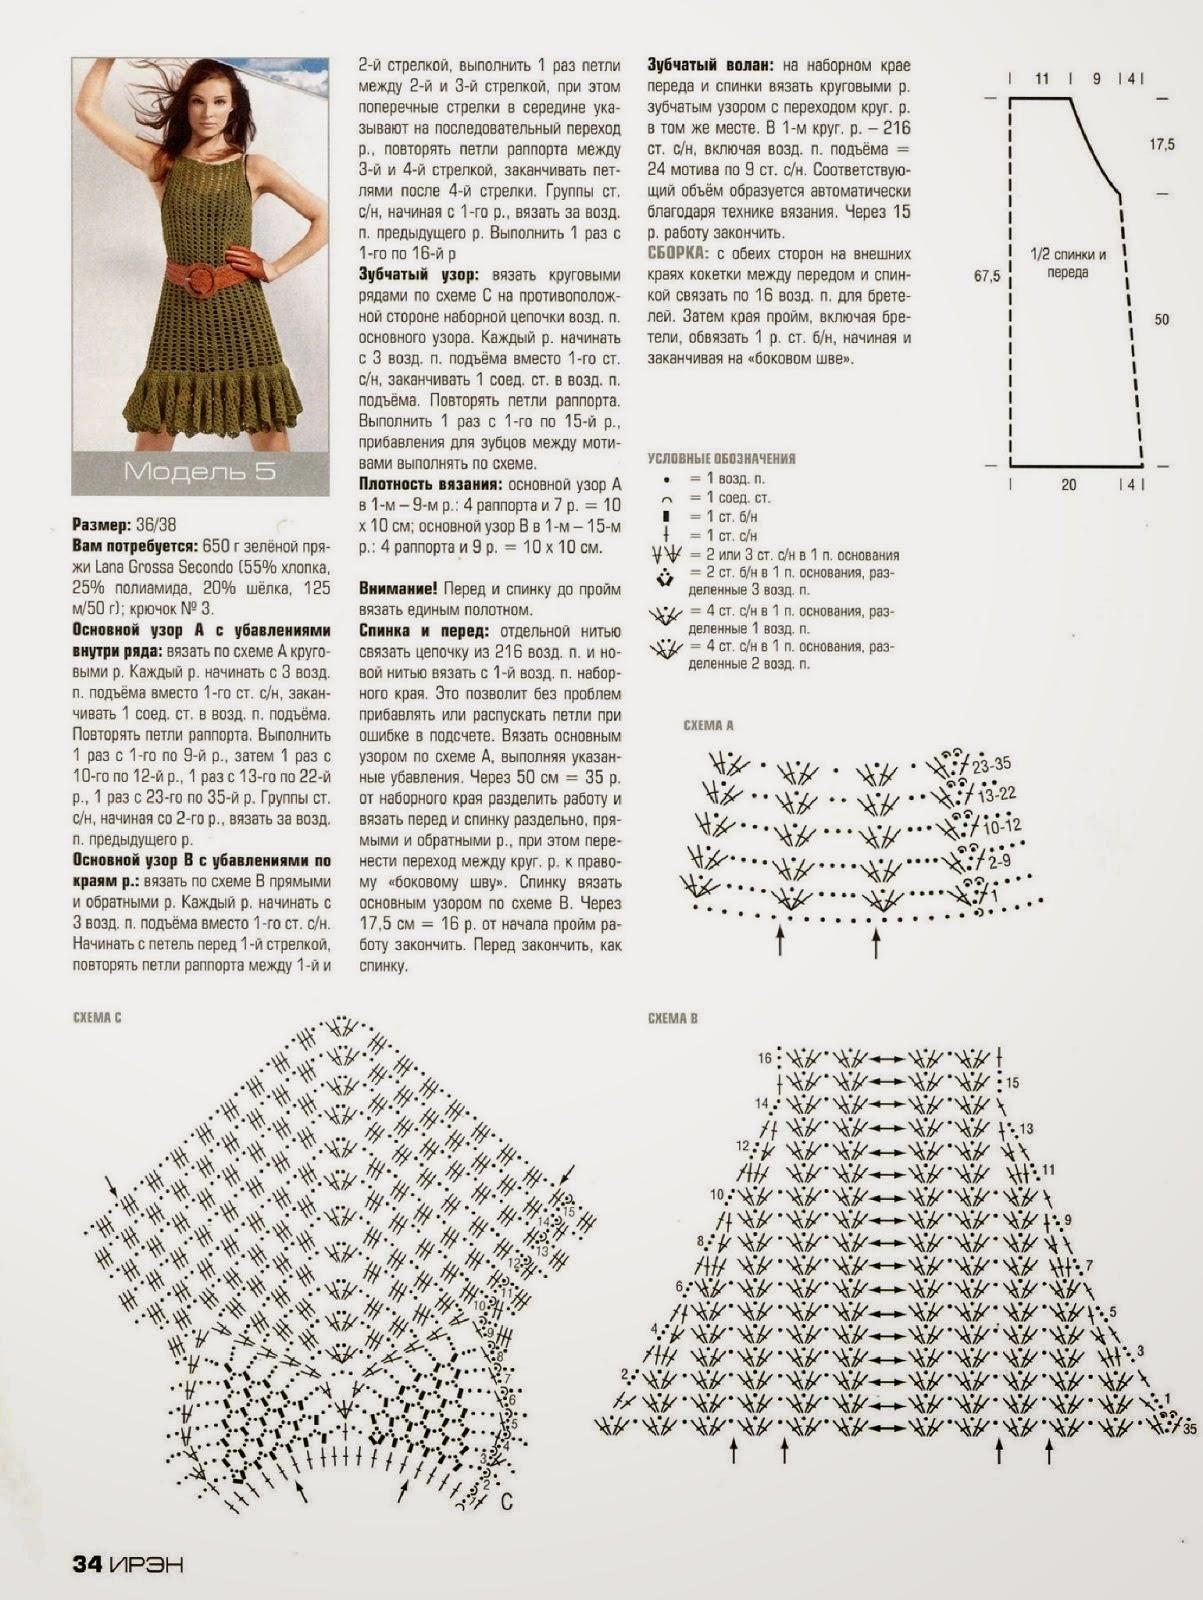 Вязание крючком от дизайнеров со схемами